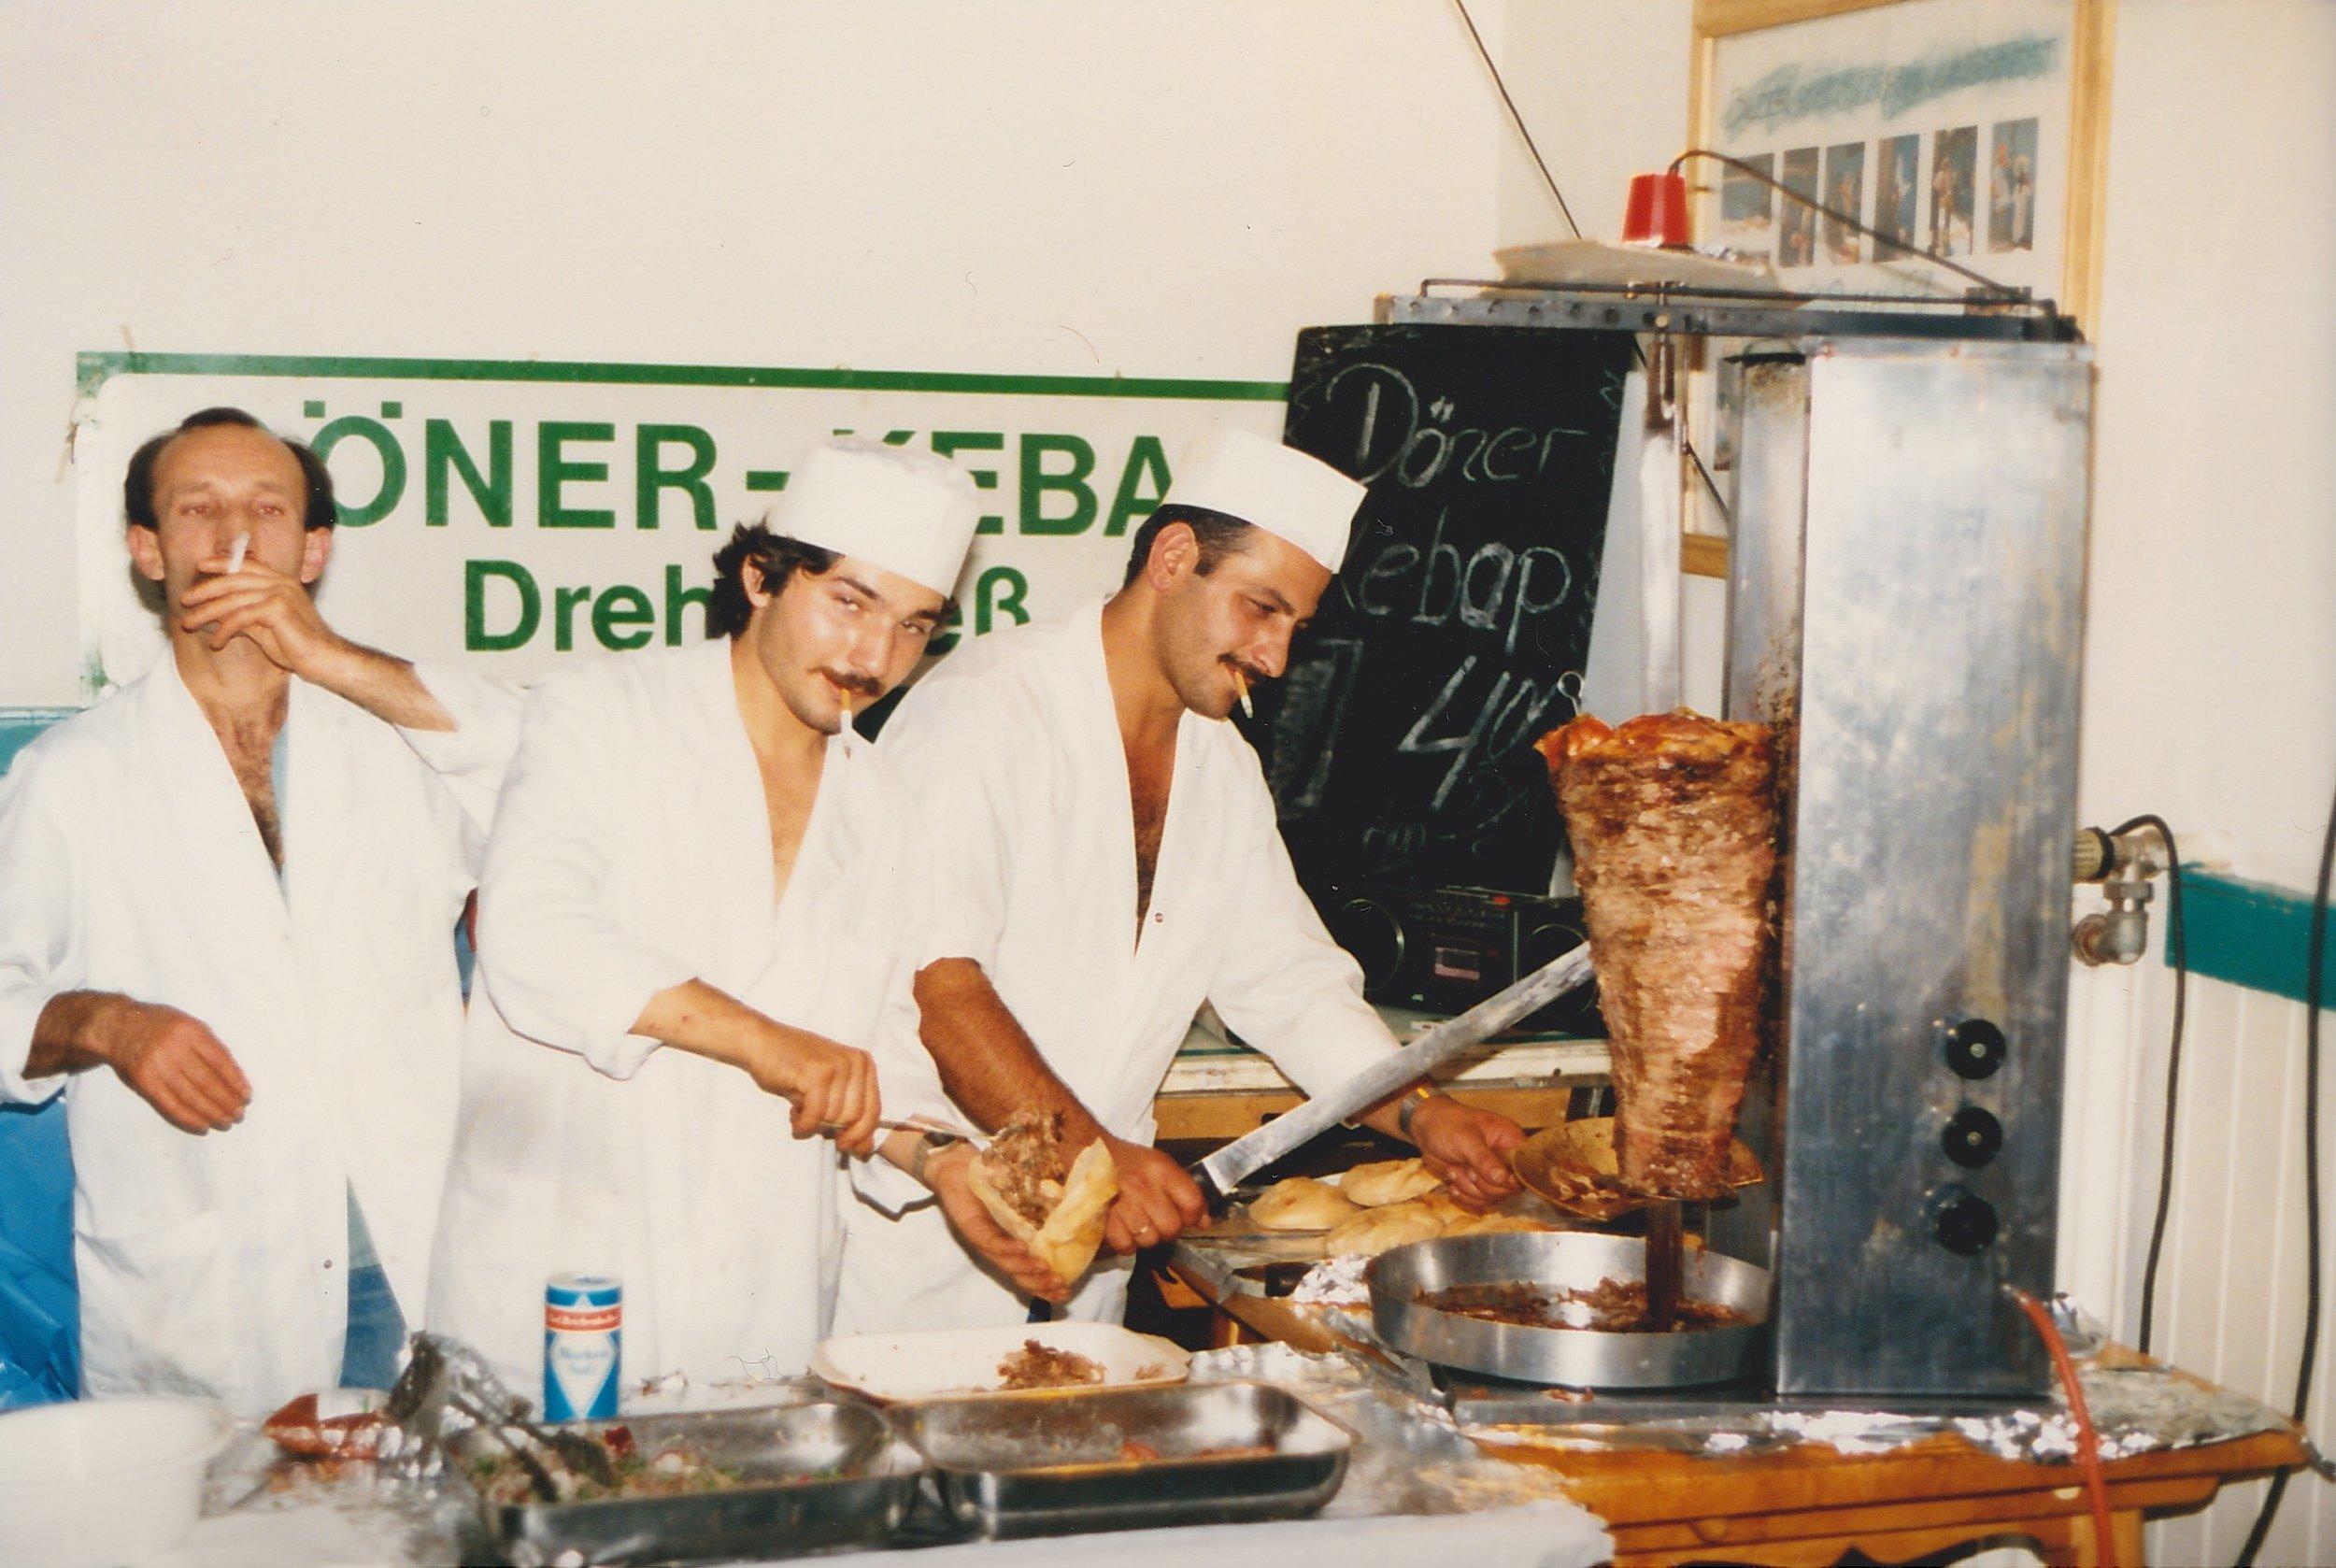 Glocke 1987 Türkeifest.jpg